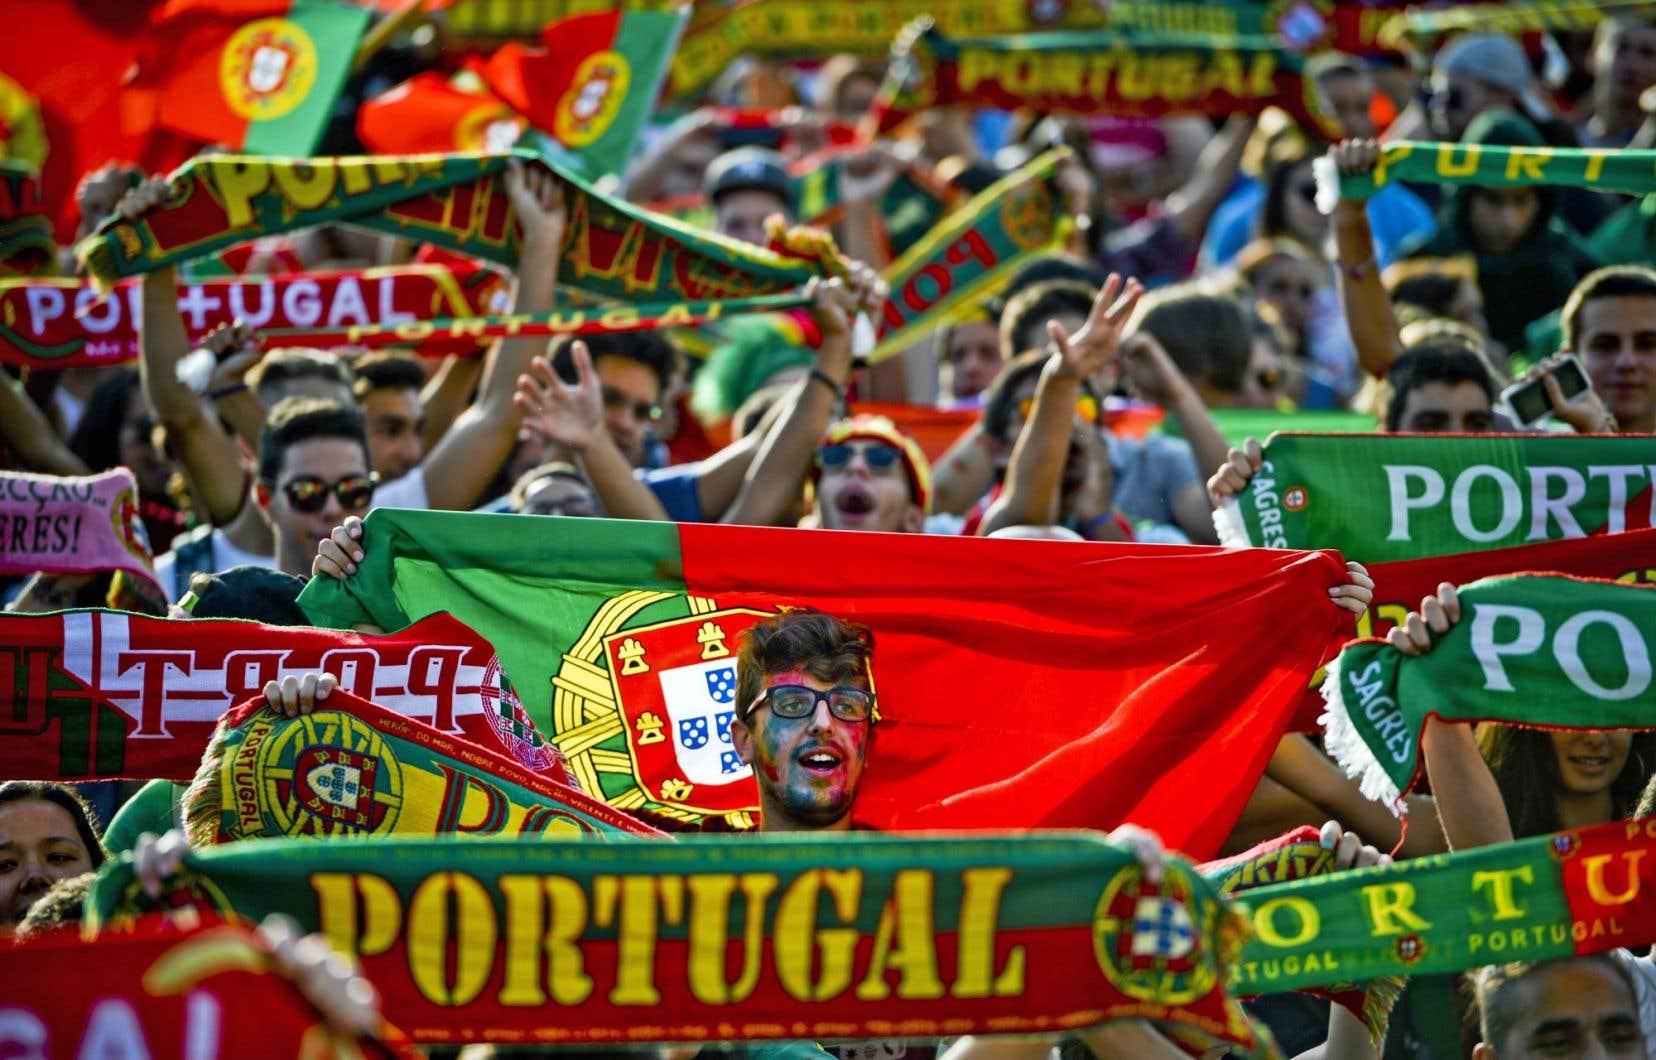 Une marée humaine en rouge et vert, les couleurs nationales du Portugal, a acclamé les nouveaux champions d'Europe lors d'un défilé triomphal à travers les principales artères de Lisbonne.